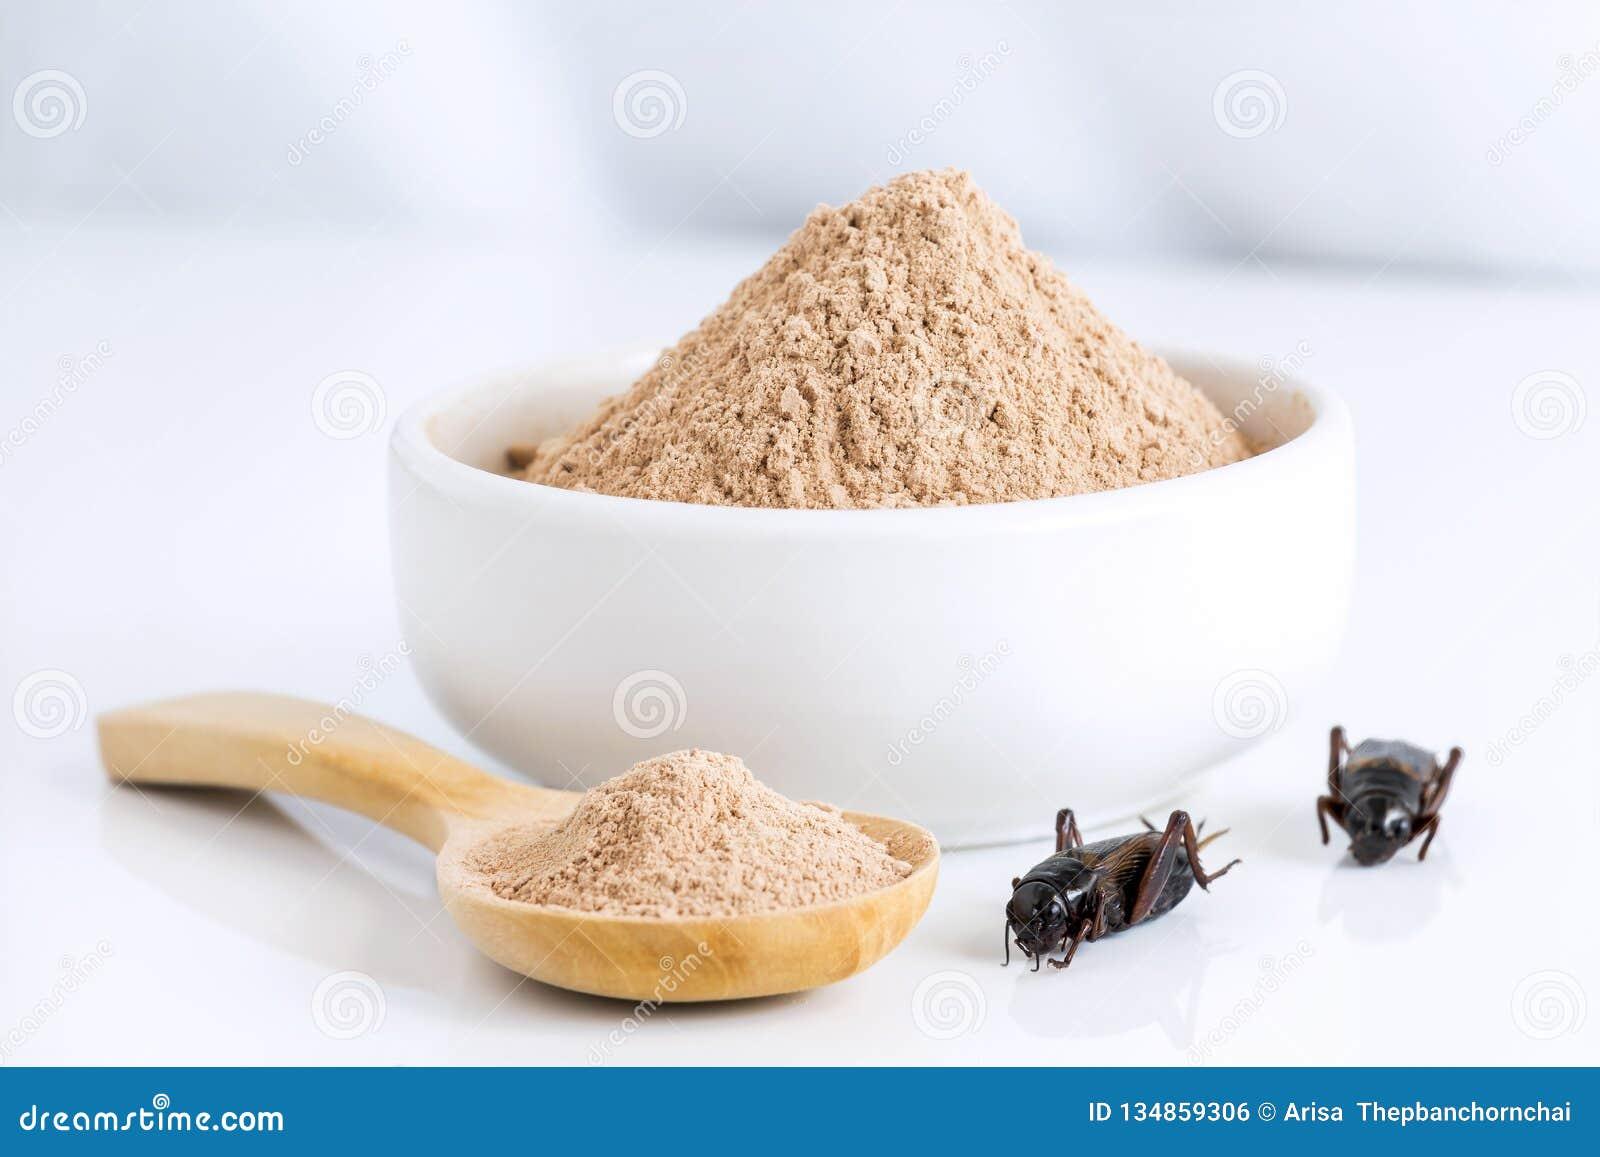 Het insect van het veenmolpoeder voor het eten als voedselpunten van gekookt insectvlees worden gemaakt in kom en houten lepel op